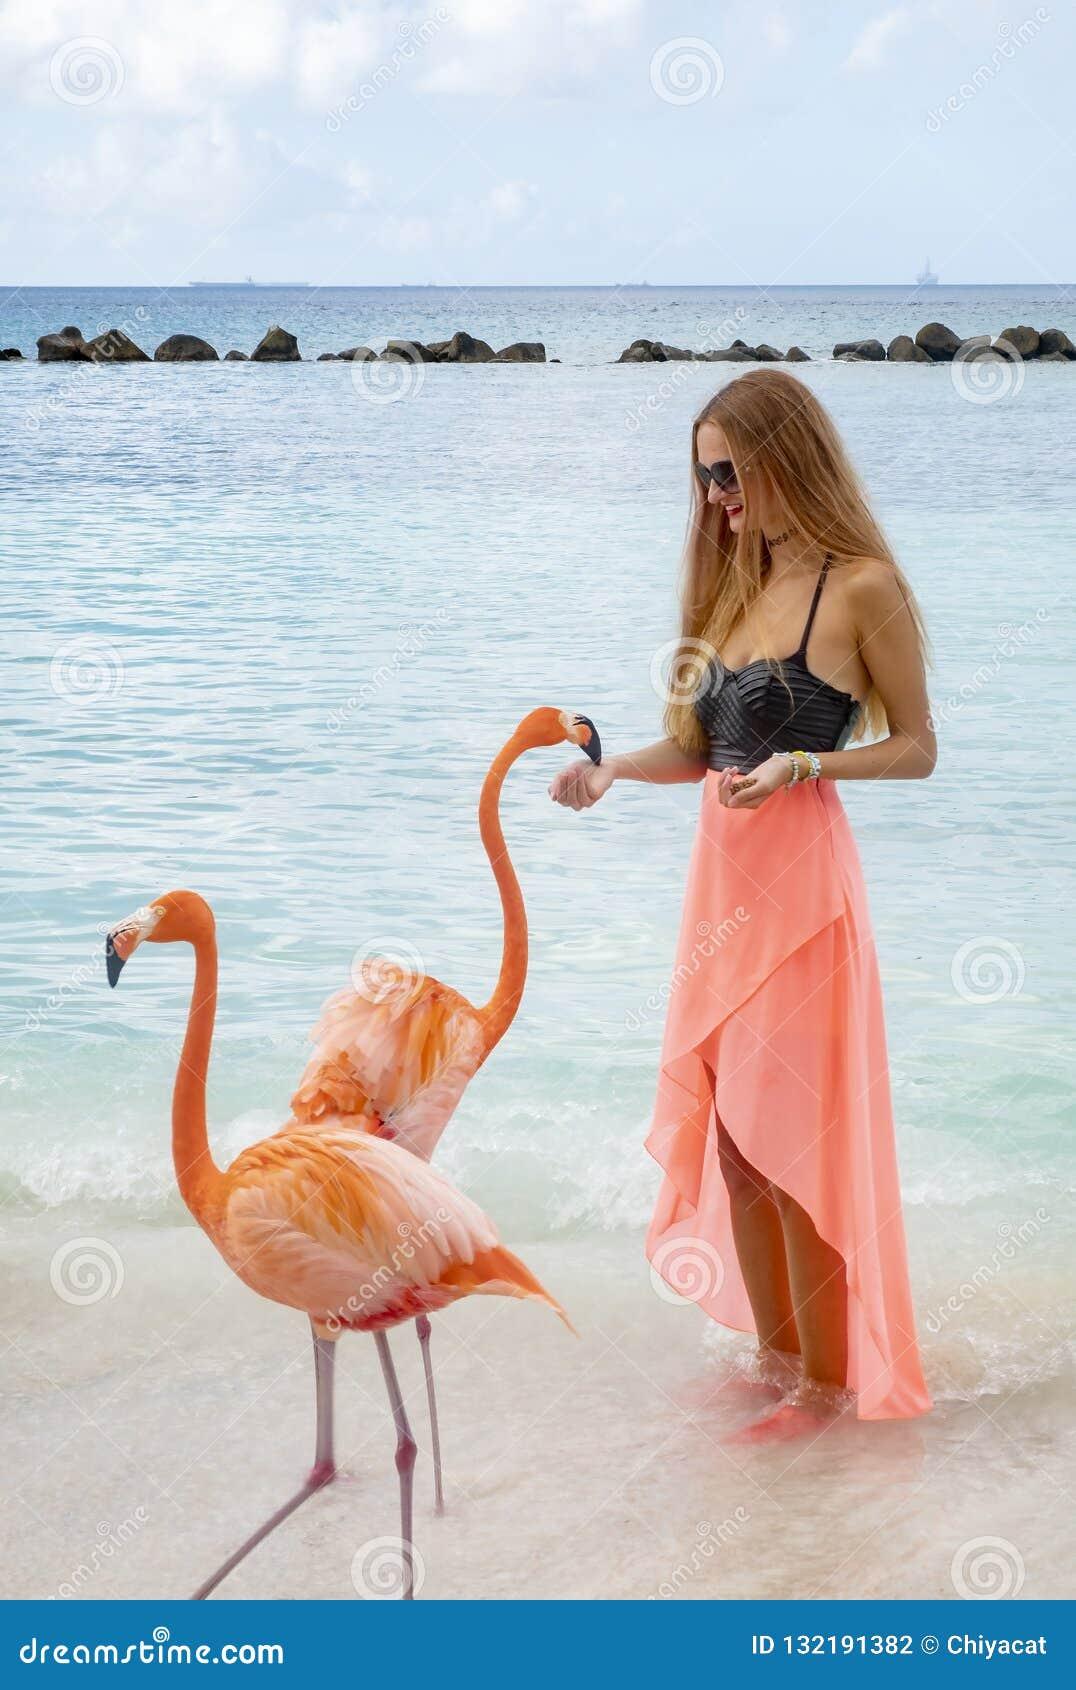 Молодая женщина с длинными светлыми волосами в черном бикини и розовом обруче кормить розовые фламинго на пляже #2